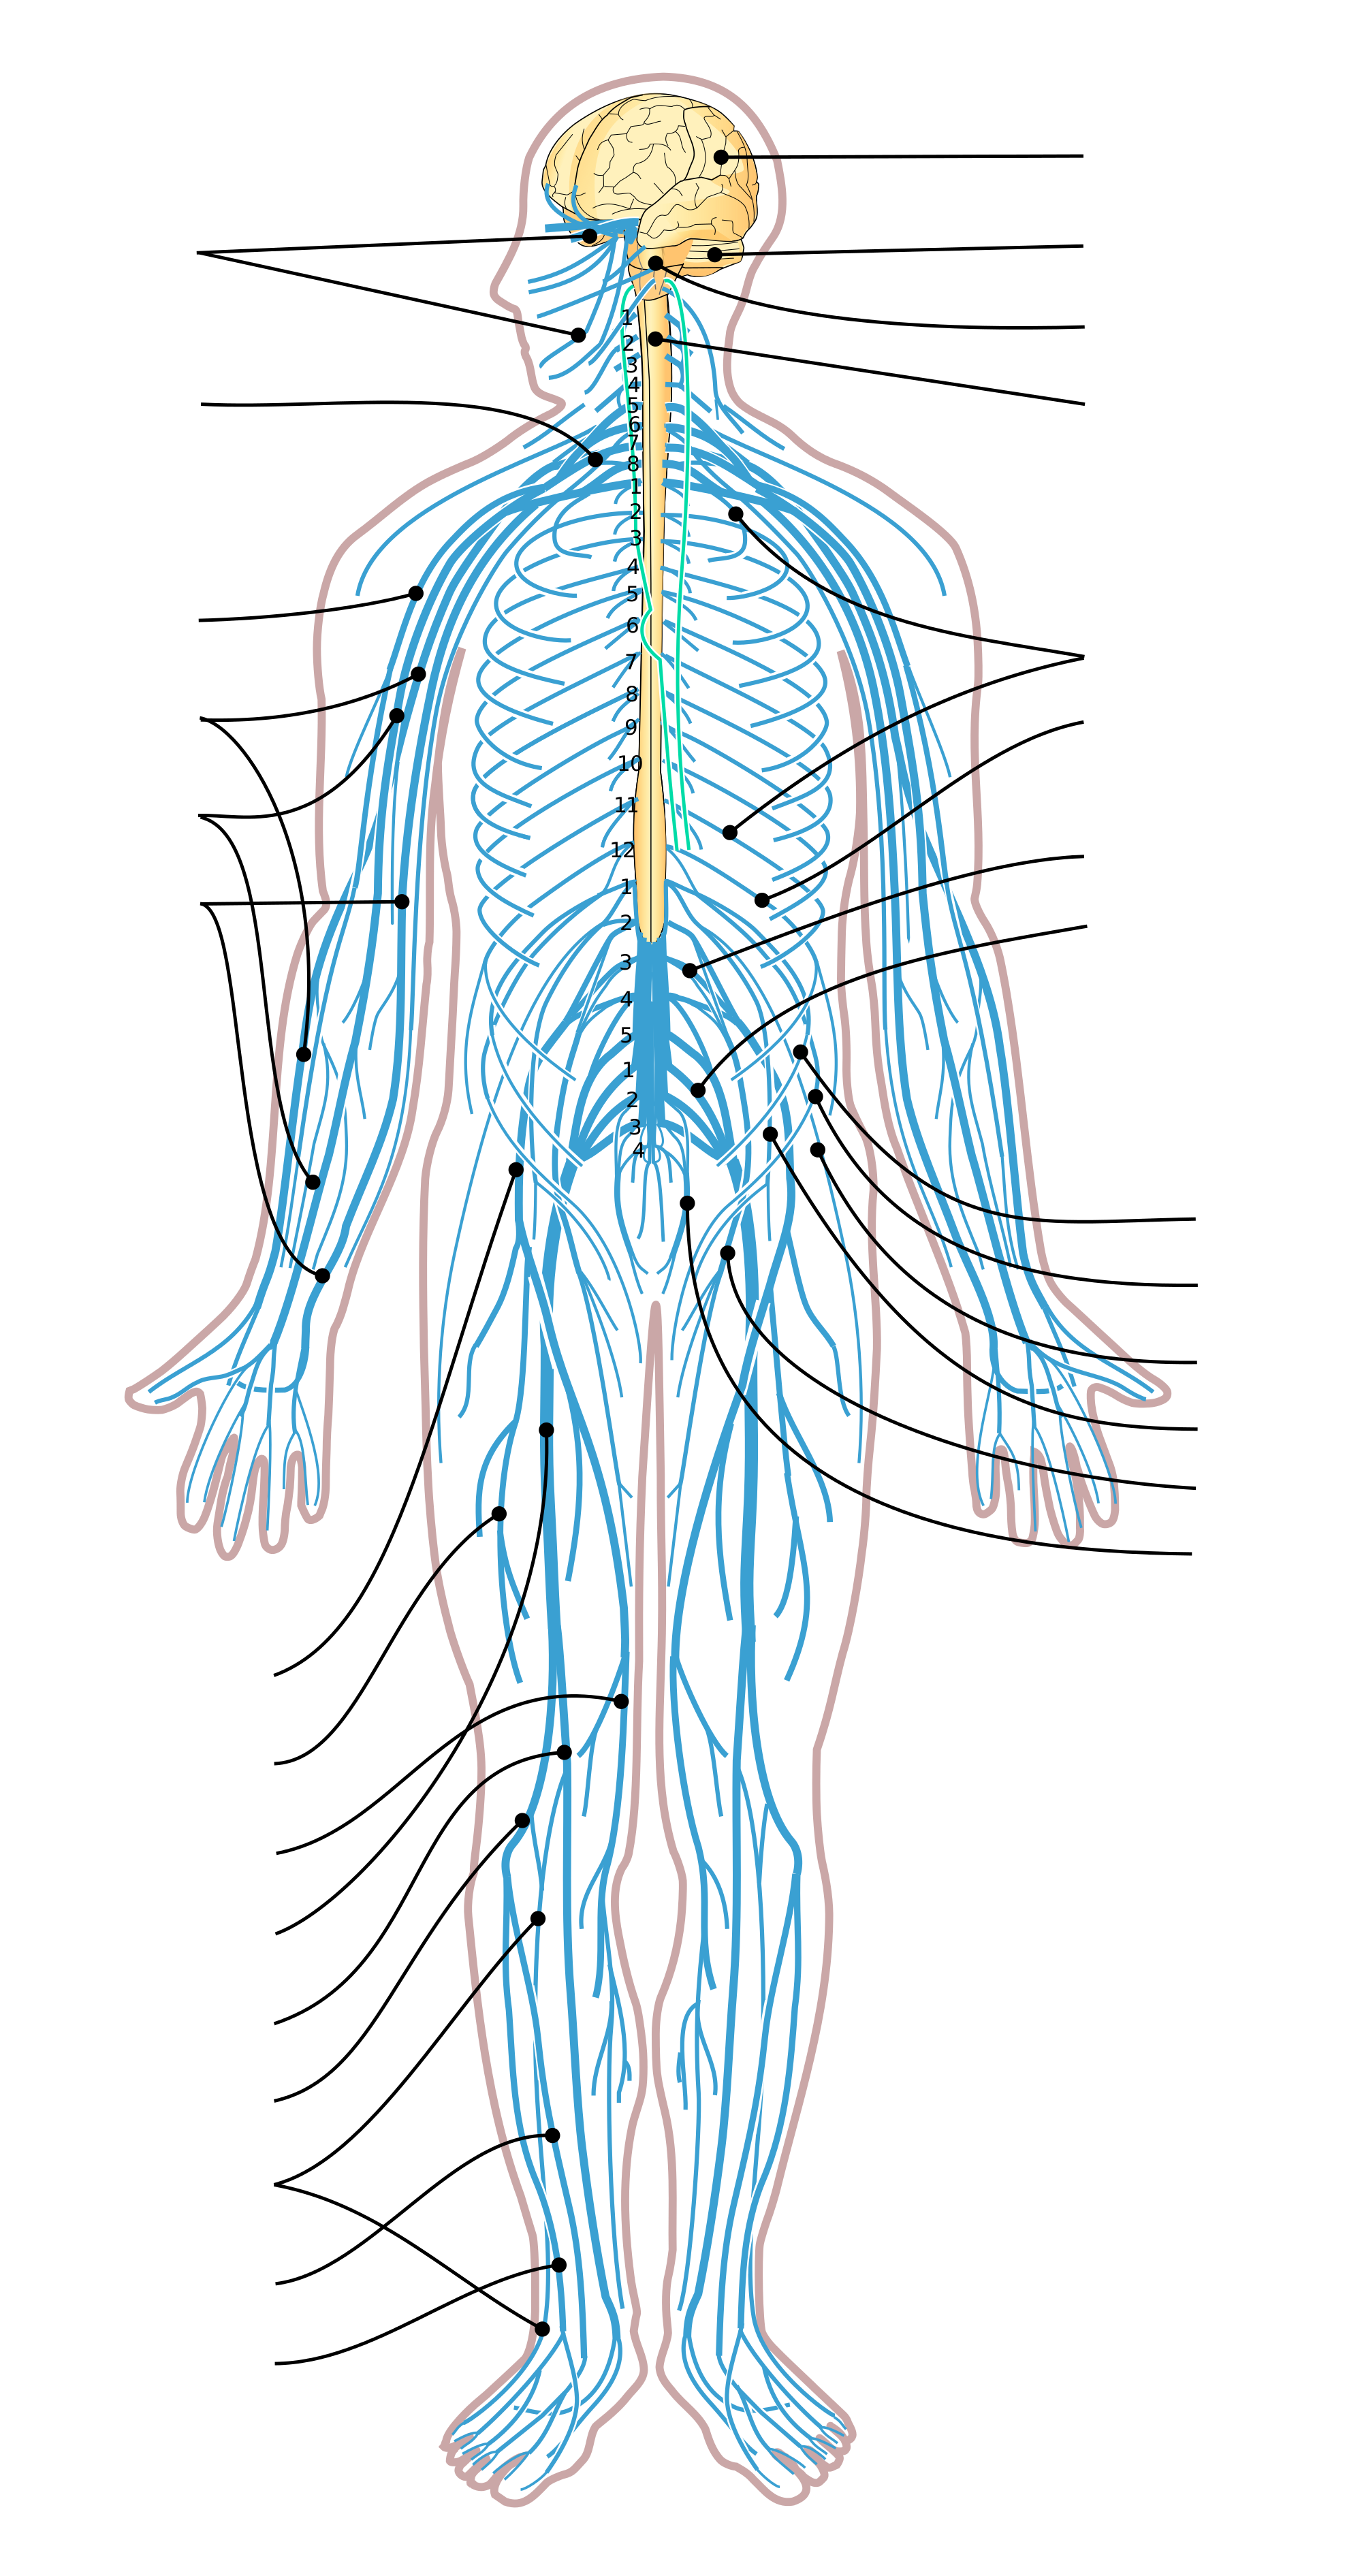 Png Nervous System Transparent Nervous Systemg Images Pluspng